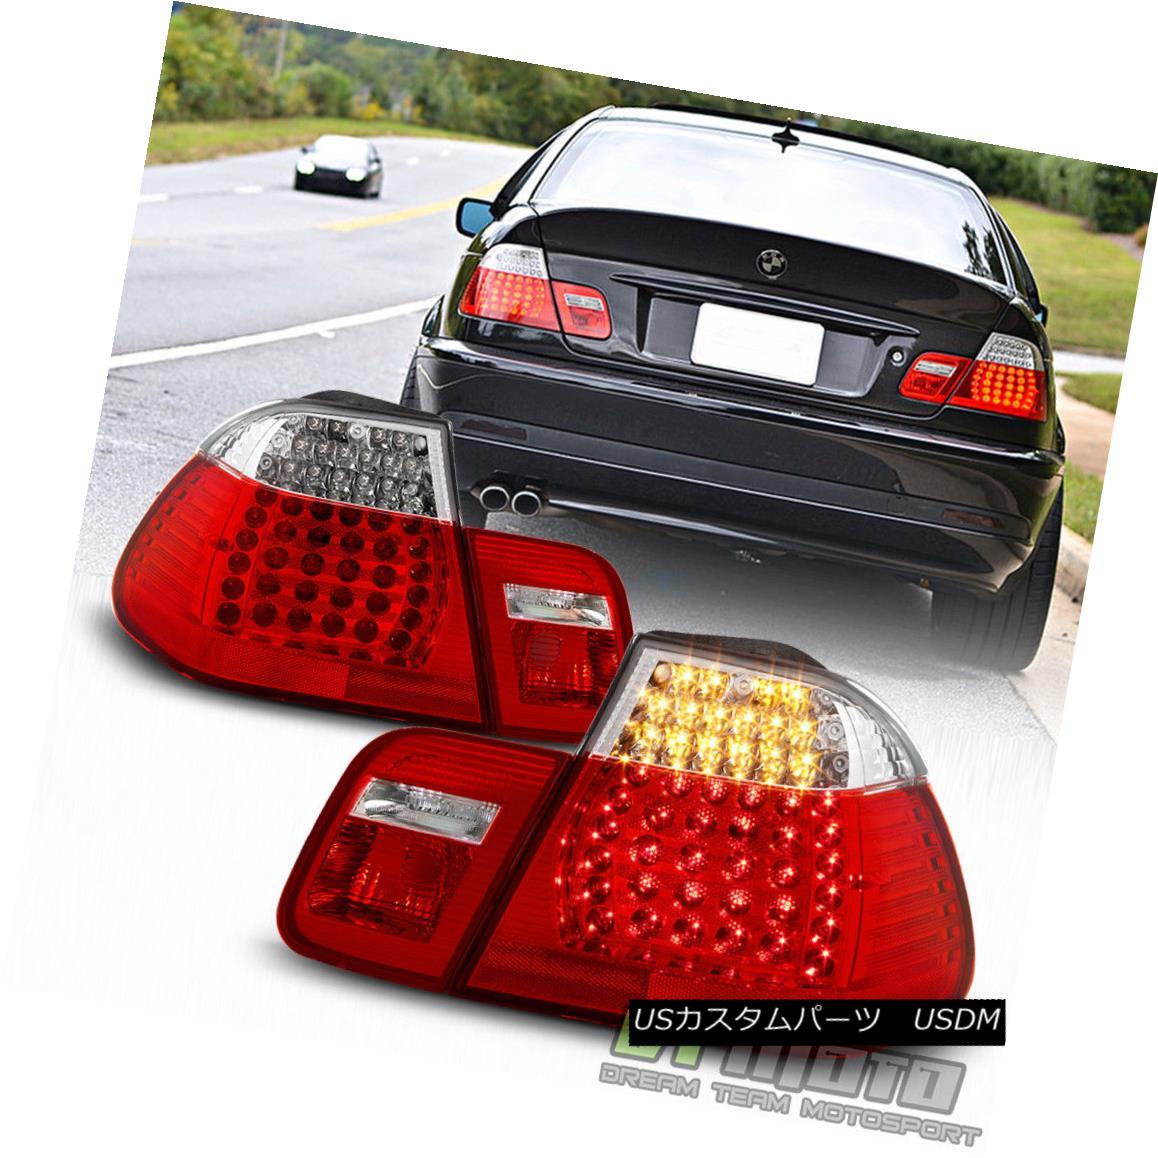 テールライト 2002-2005 BMW E46 320i 325i 330i 3-Series Sedan Red Clear LED Tail Lights 02-05 2002-2005 BMW E46 320i 325i 330i 3シリーズセダンレッドクリアLEDテールライト02-05